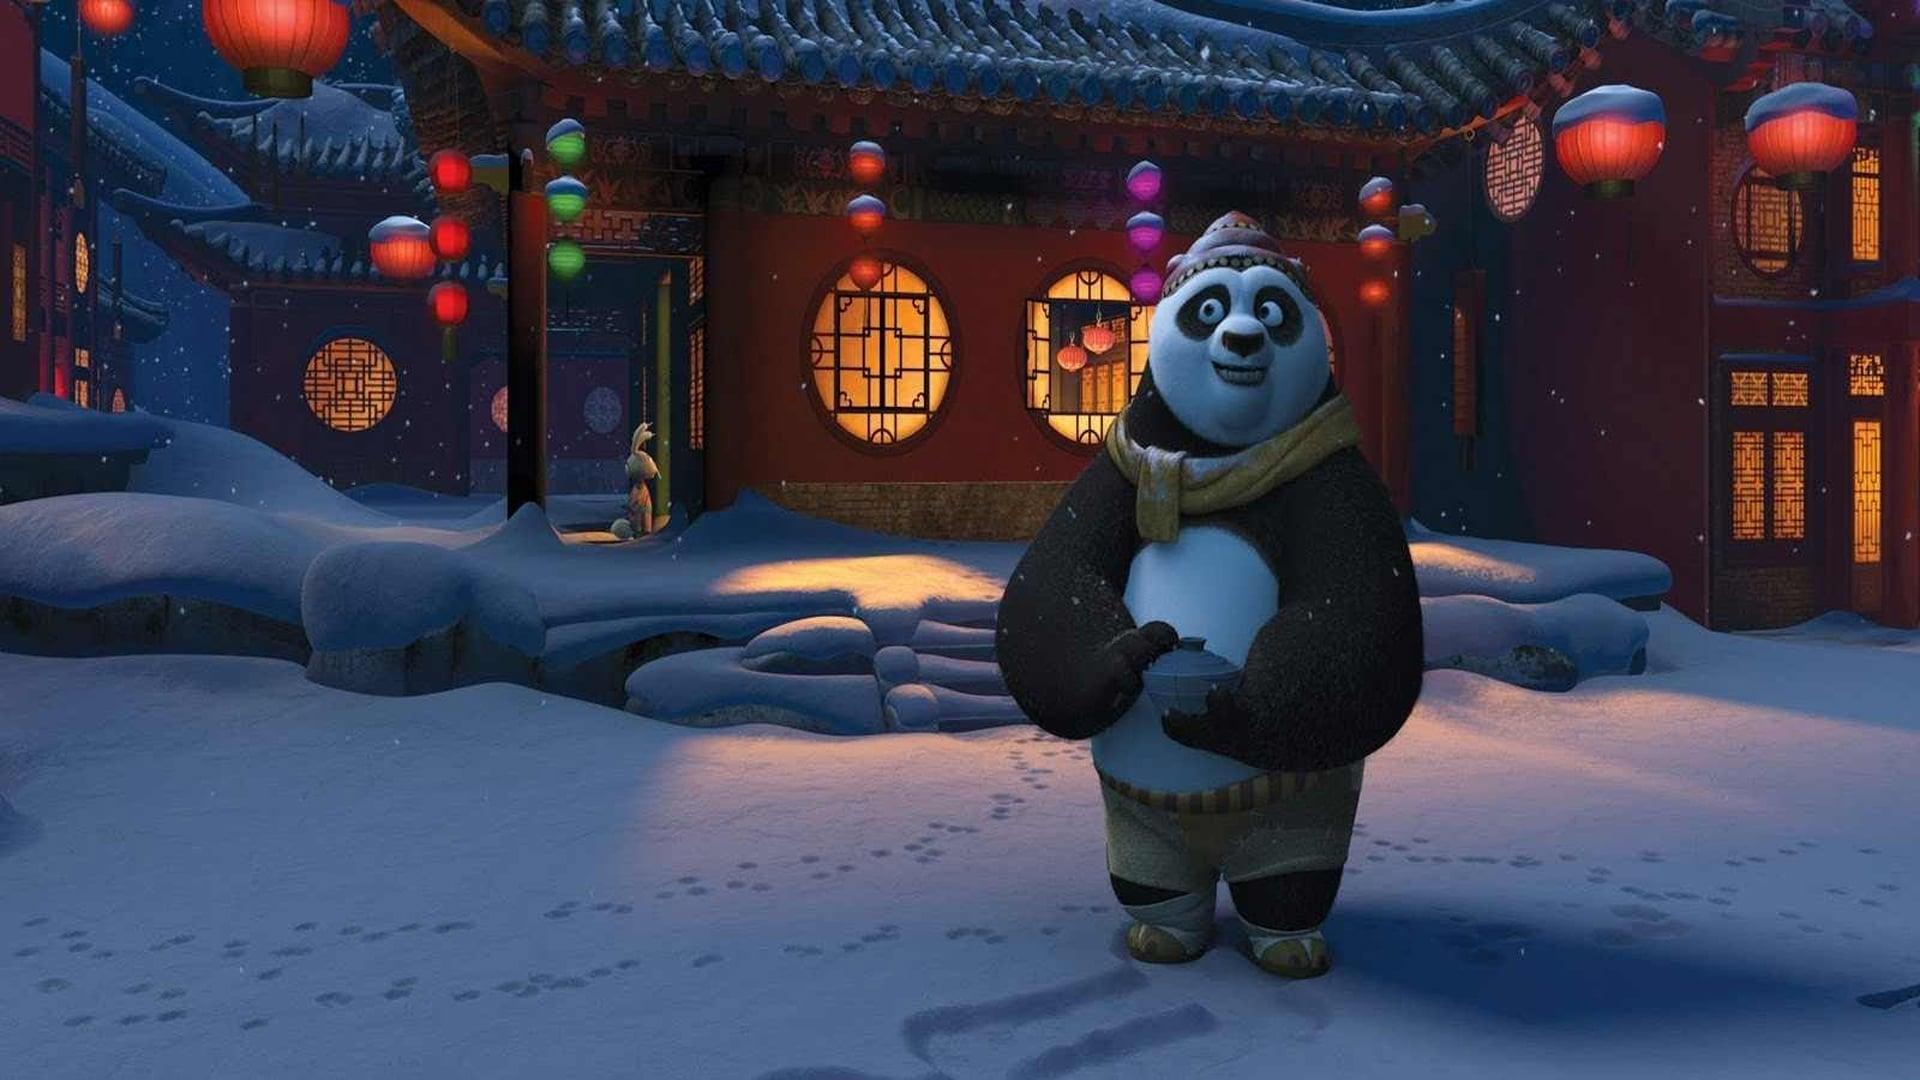 Watch Kung Fu Panda Holiday (2010) Full Movies HD - 123movies